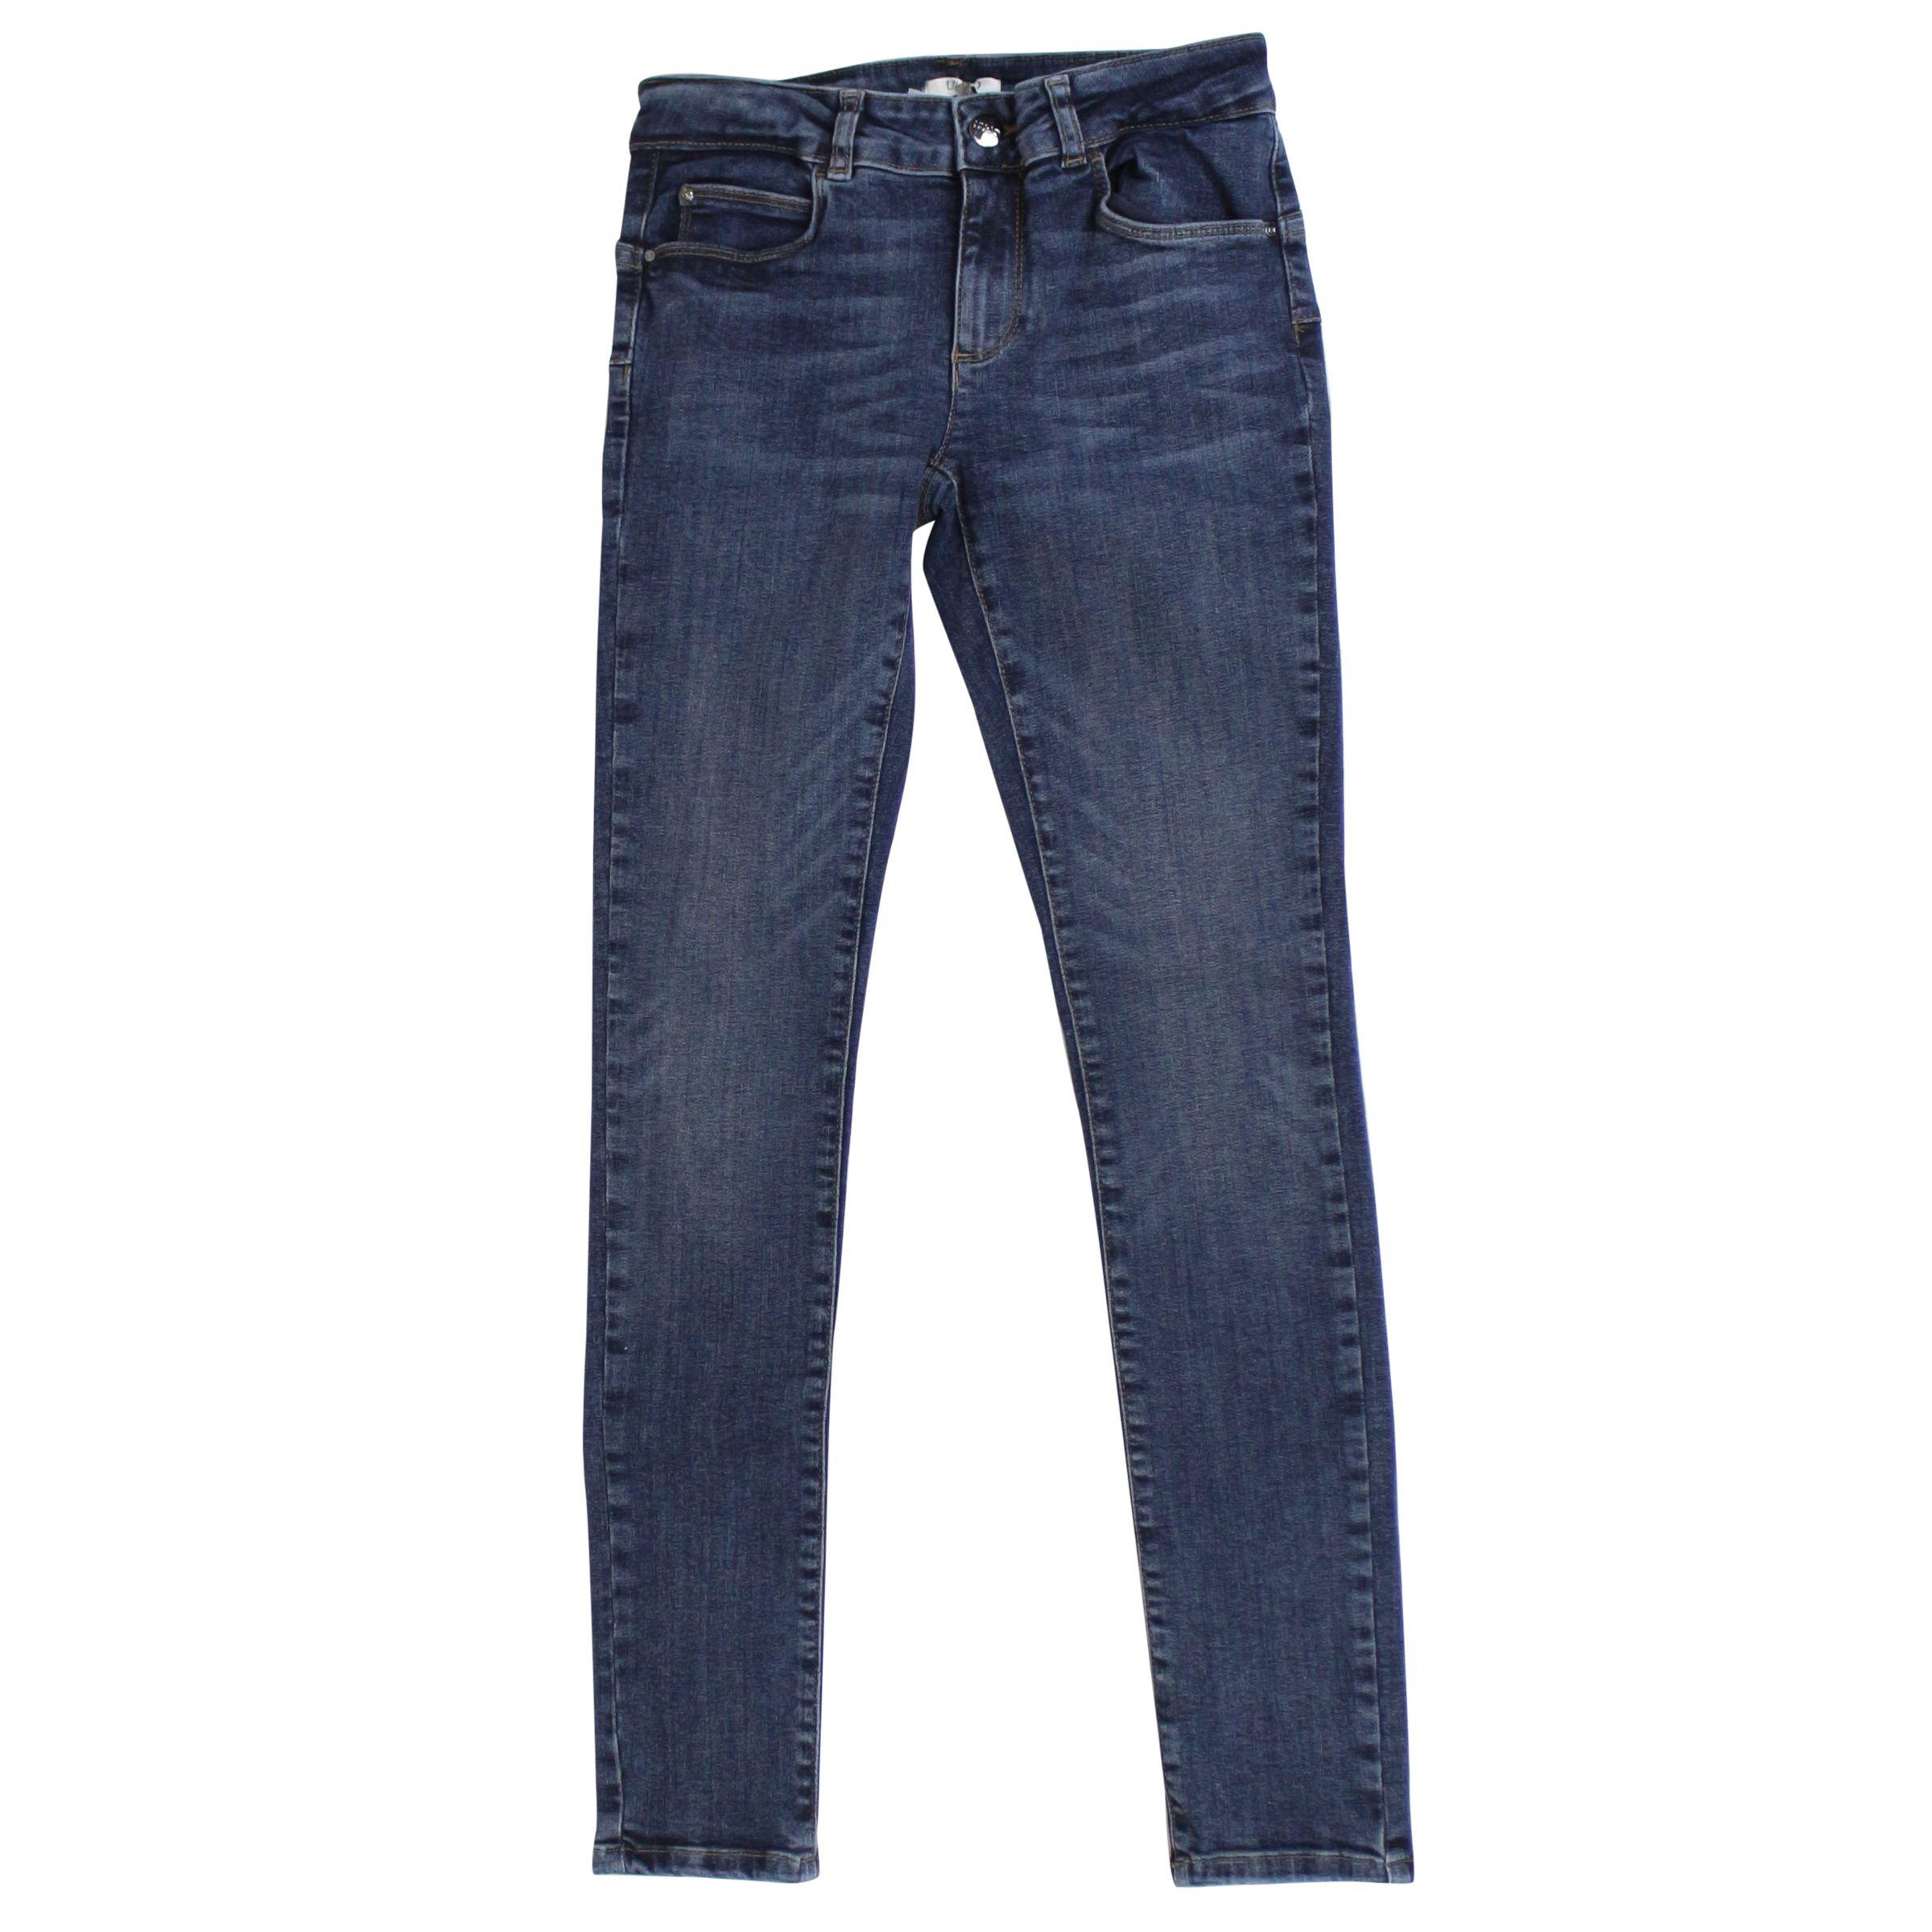 uk availability 8333b 2f82b Skinny jeans with glitter pocket Denim, Liu Jo g69043d4127 ...